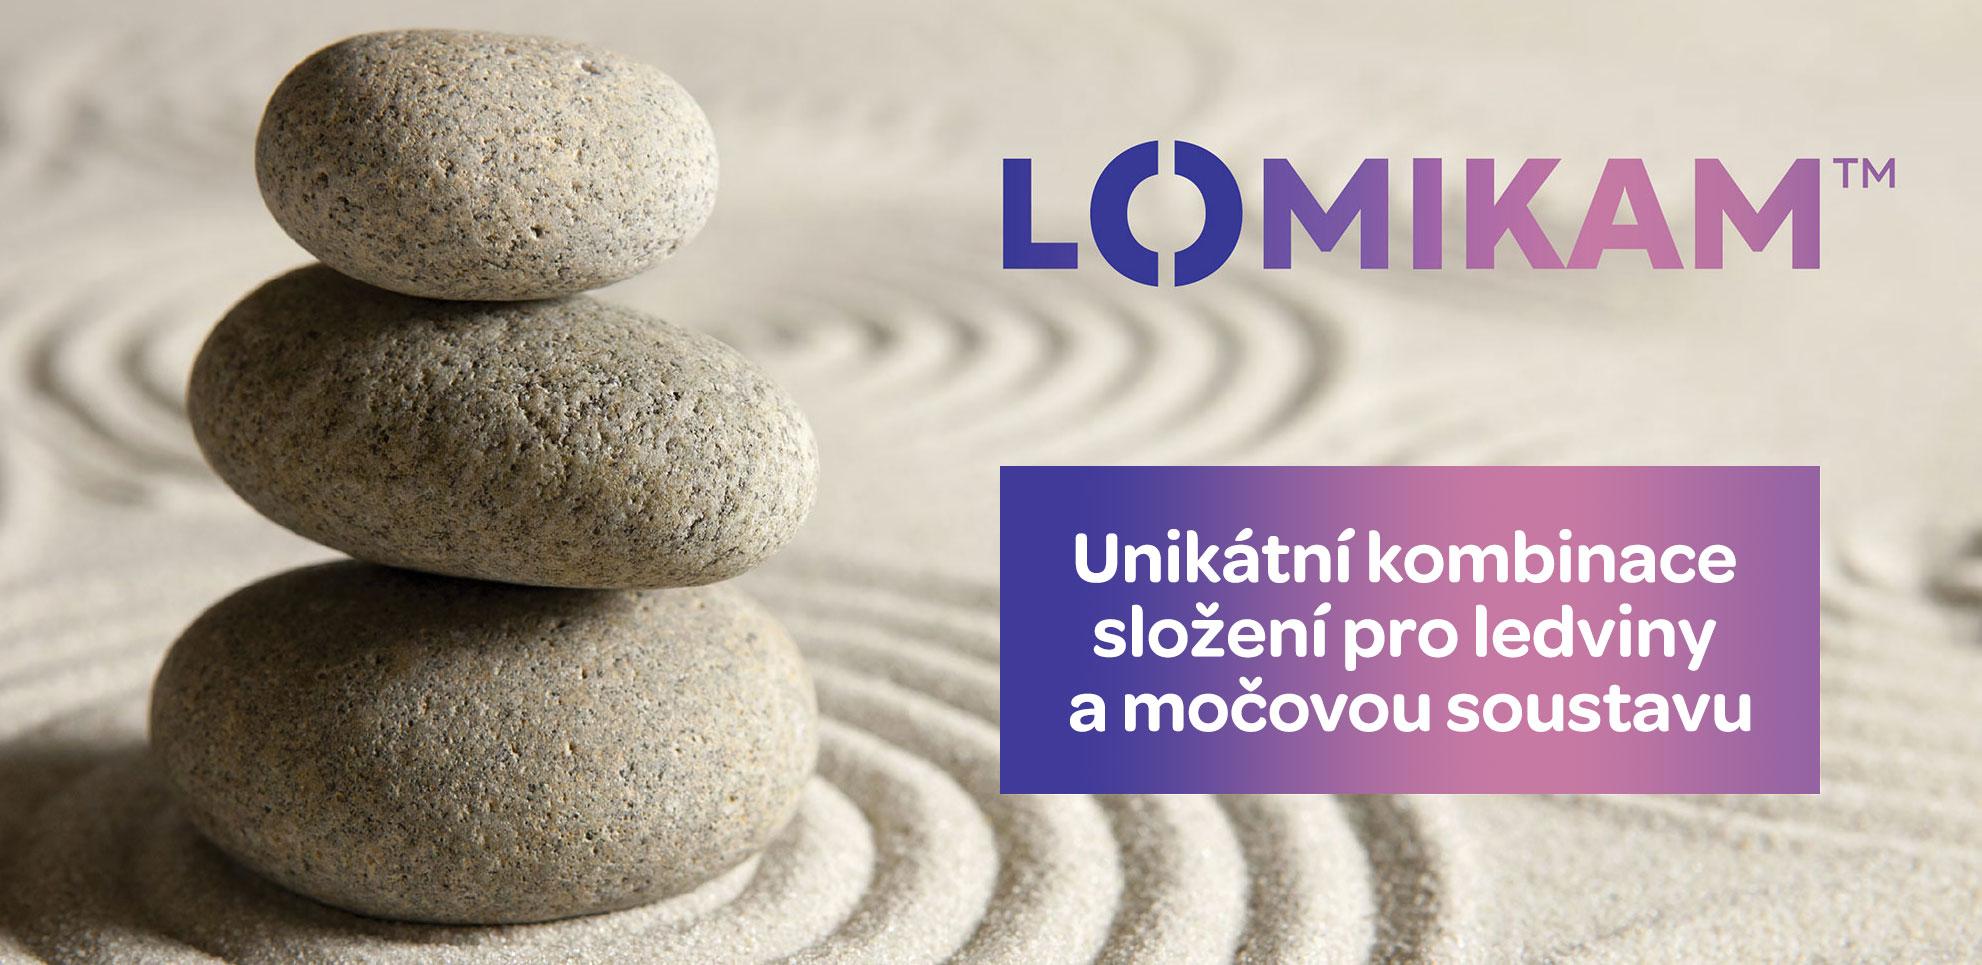 Lomikam, unikátní kombinace pro močový měchýř a ledviny